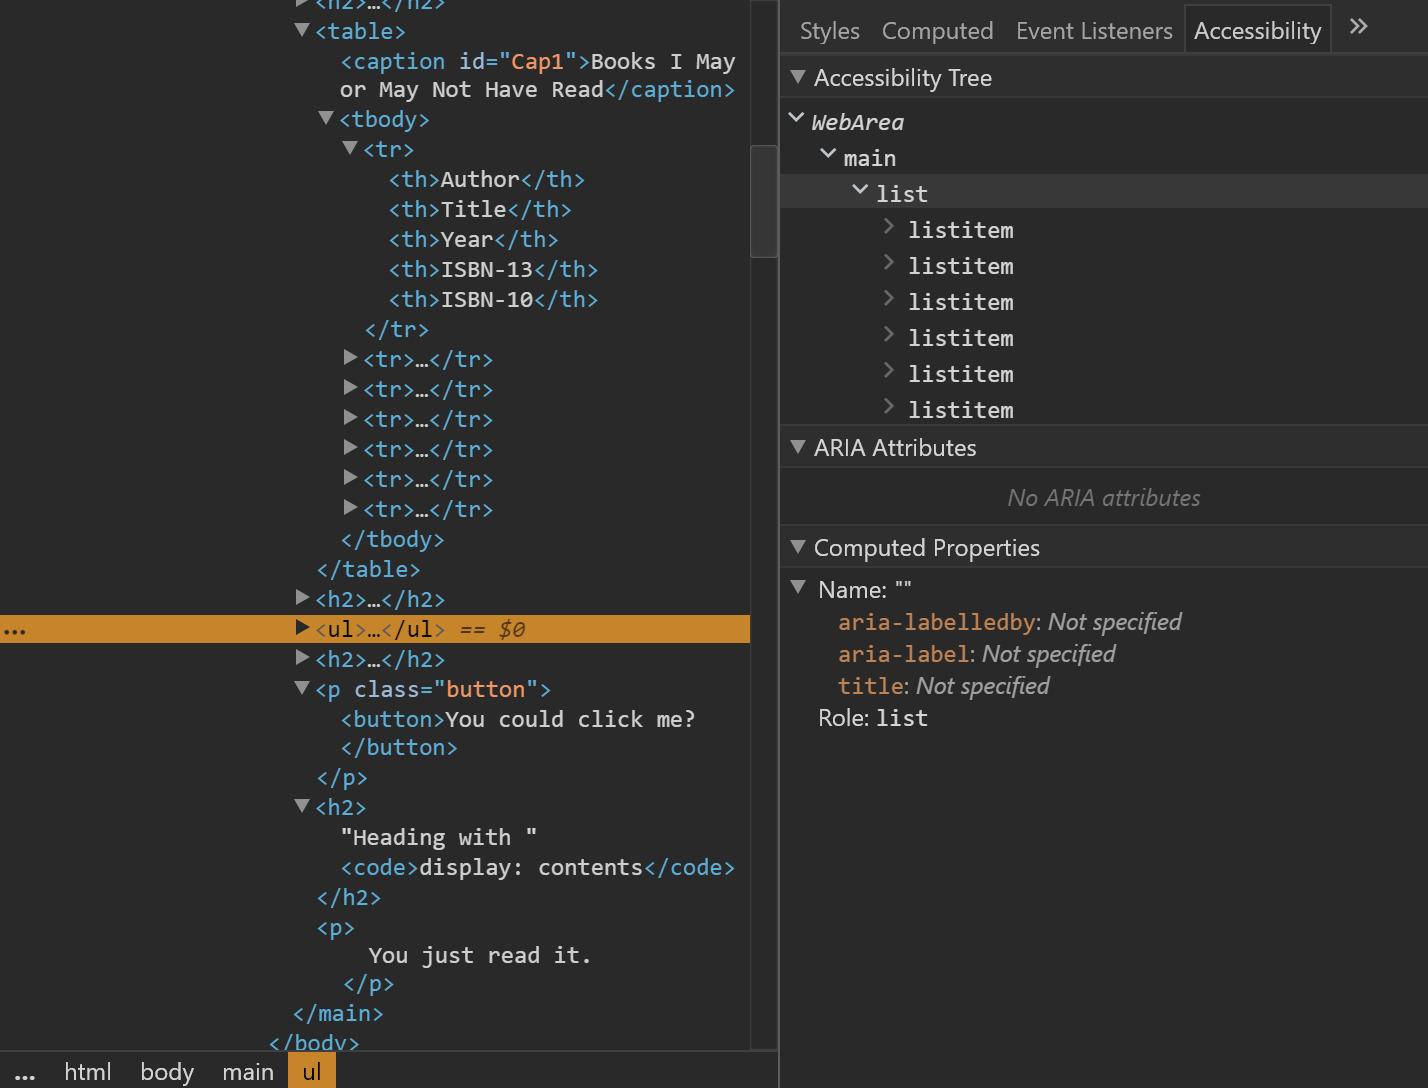 Дерево доступности в Chrome, показывающее список. Дерево доступности в Chrome, показывающее список с display: contents.